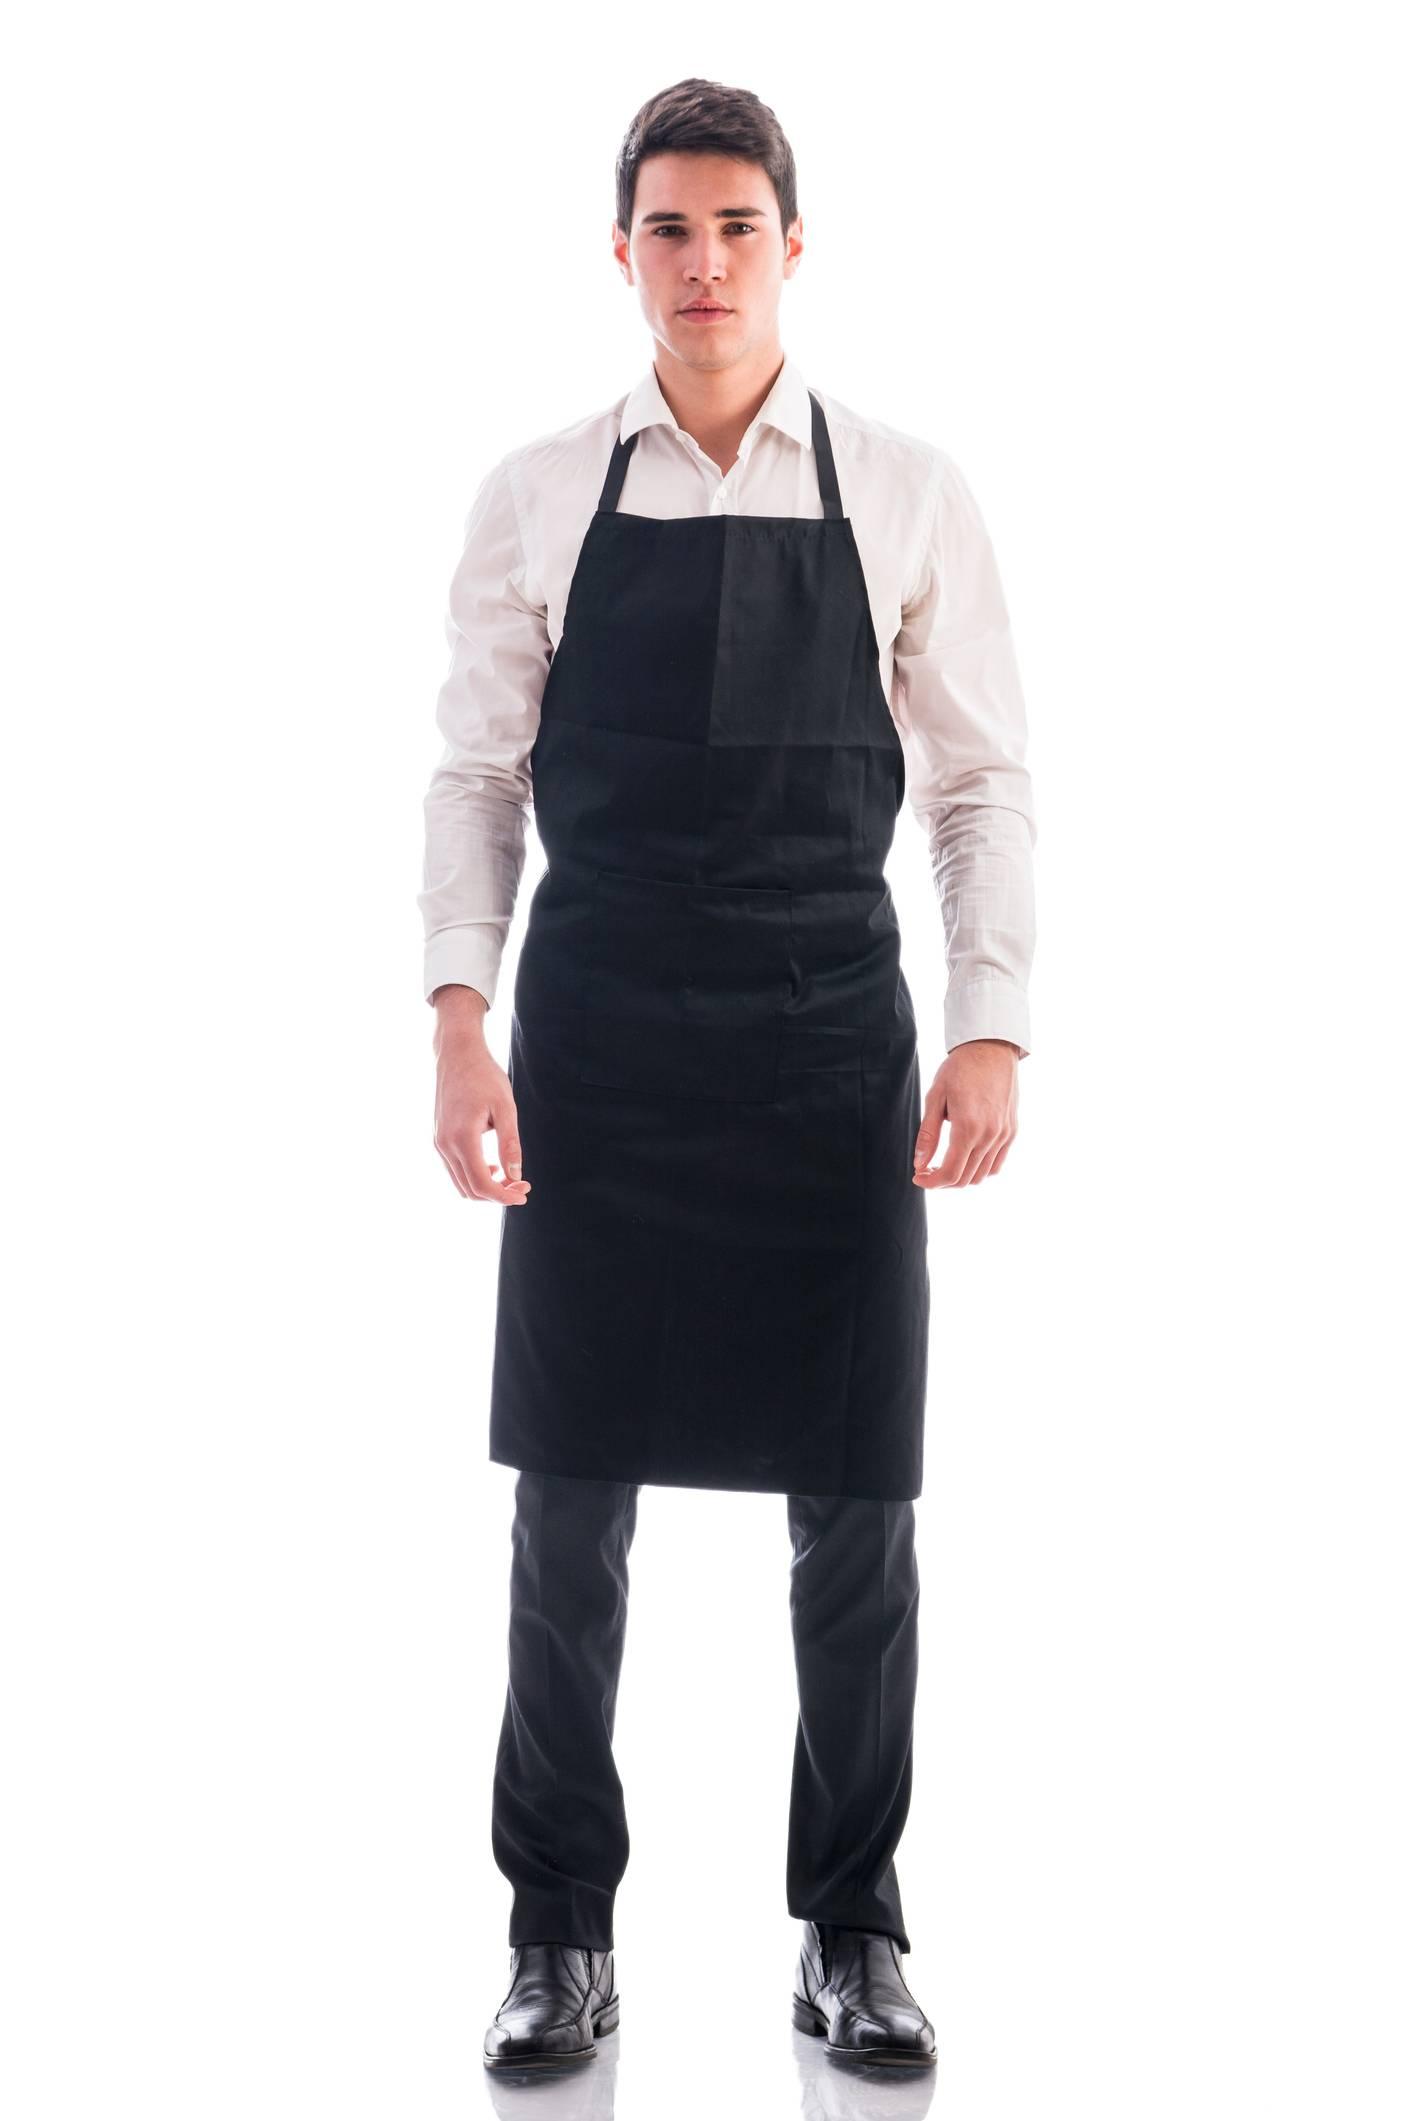 La tenue du cuisinier